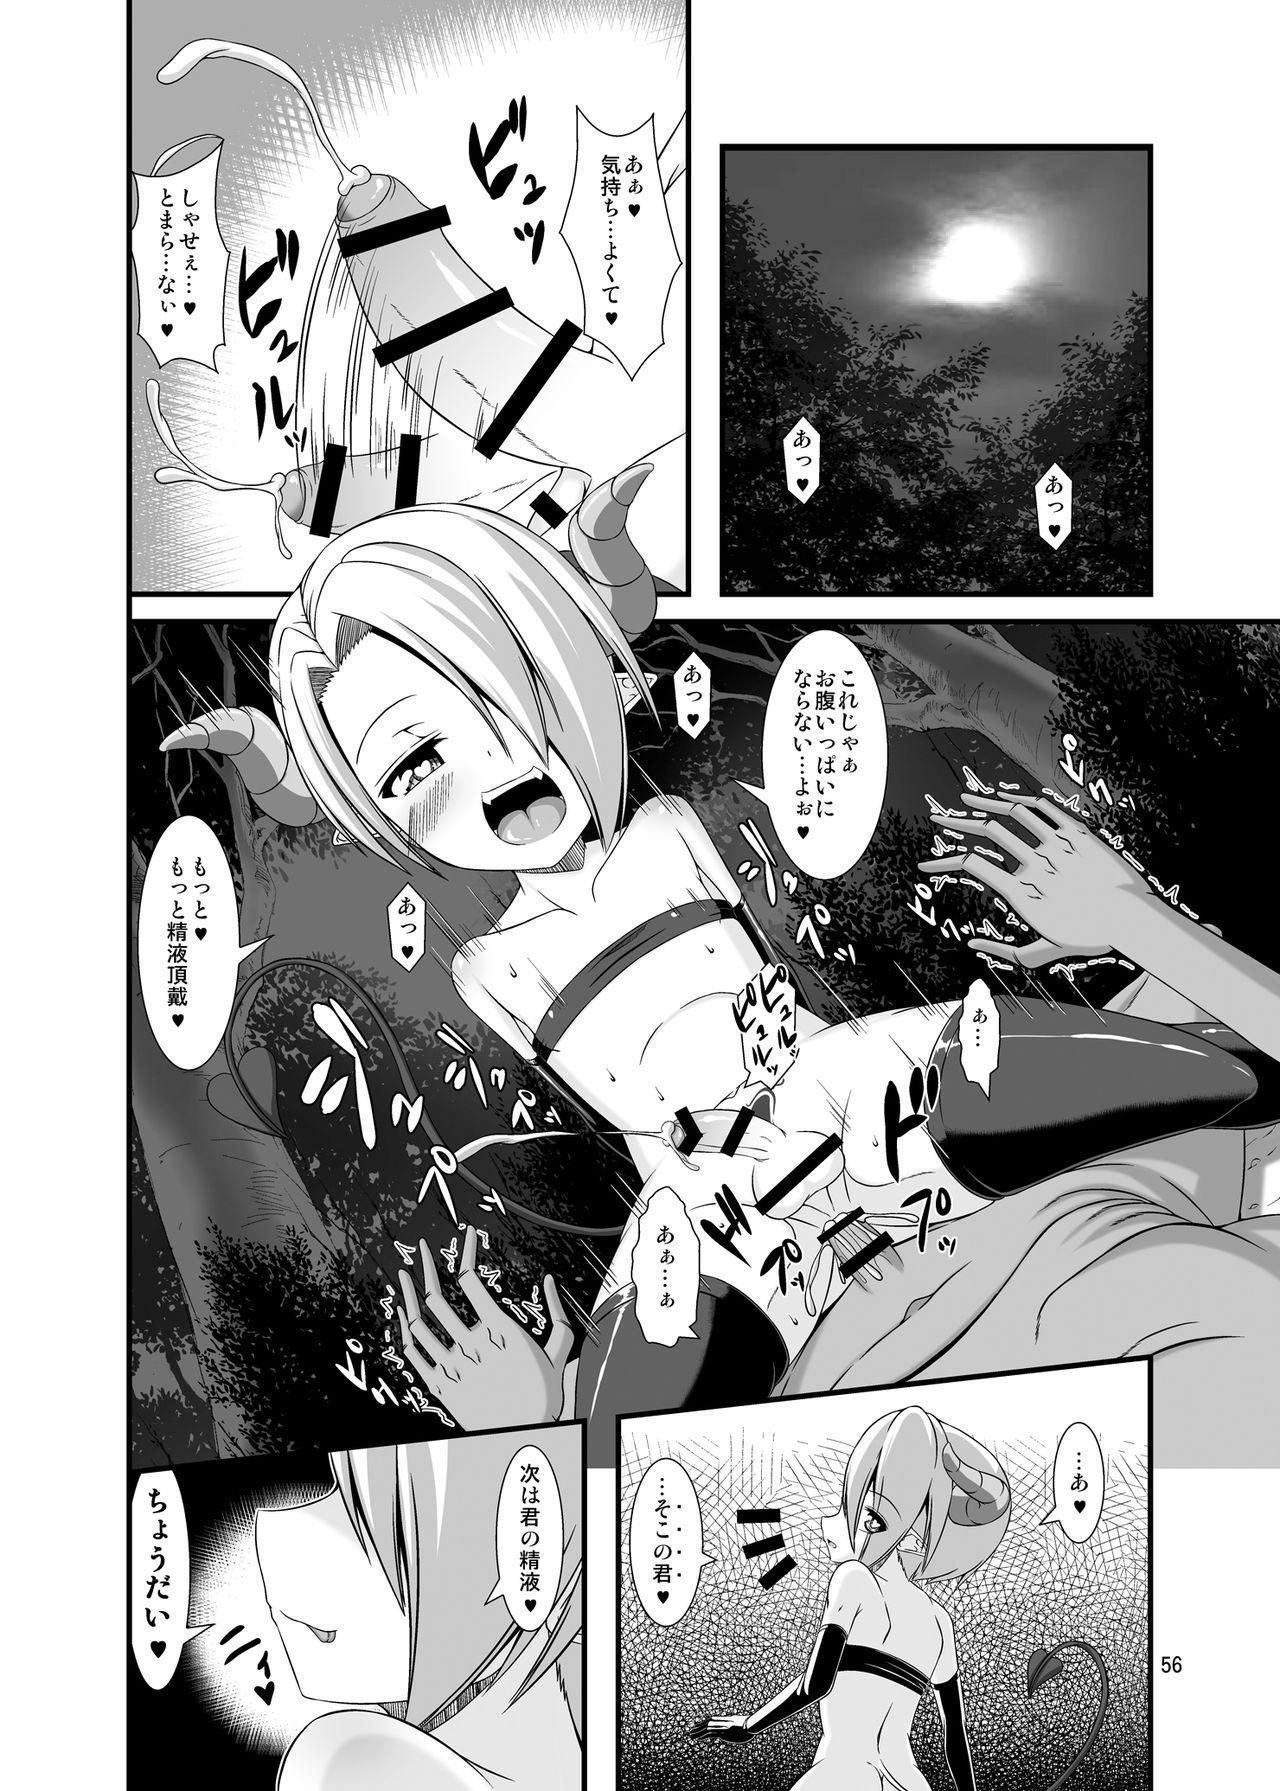 Futanari x Otoko Gyaku Anal Goudou Anata ga Mesu ni Narun desu yo 55